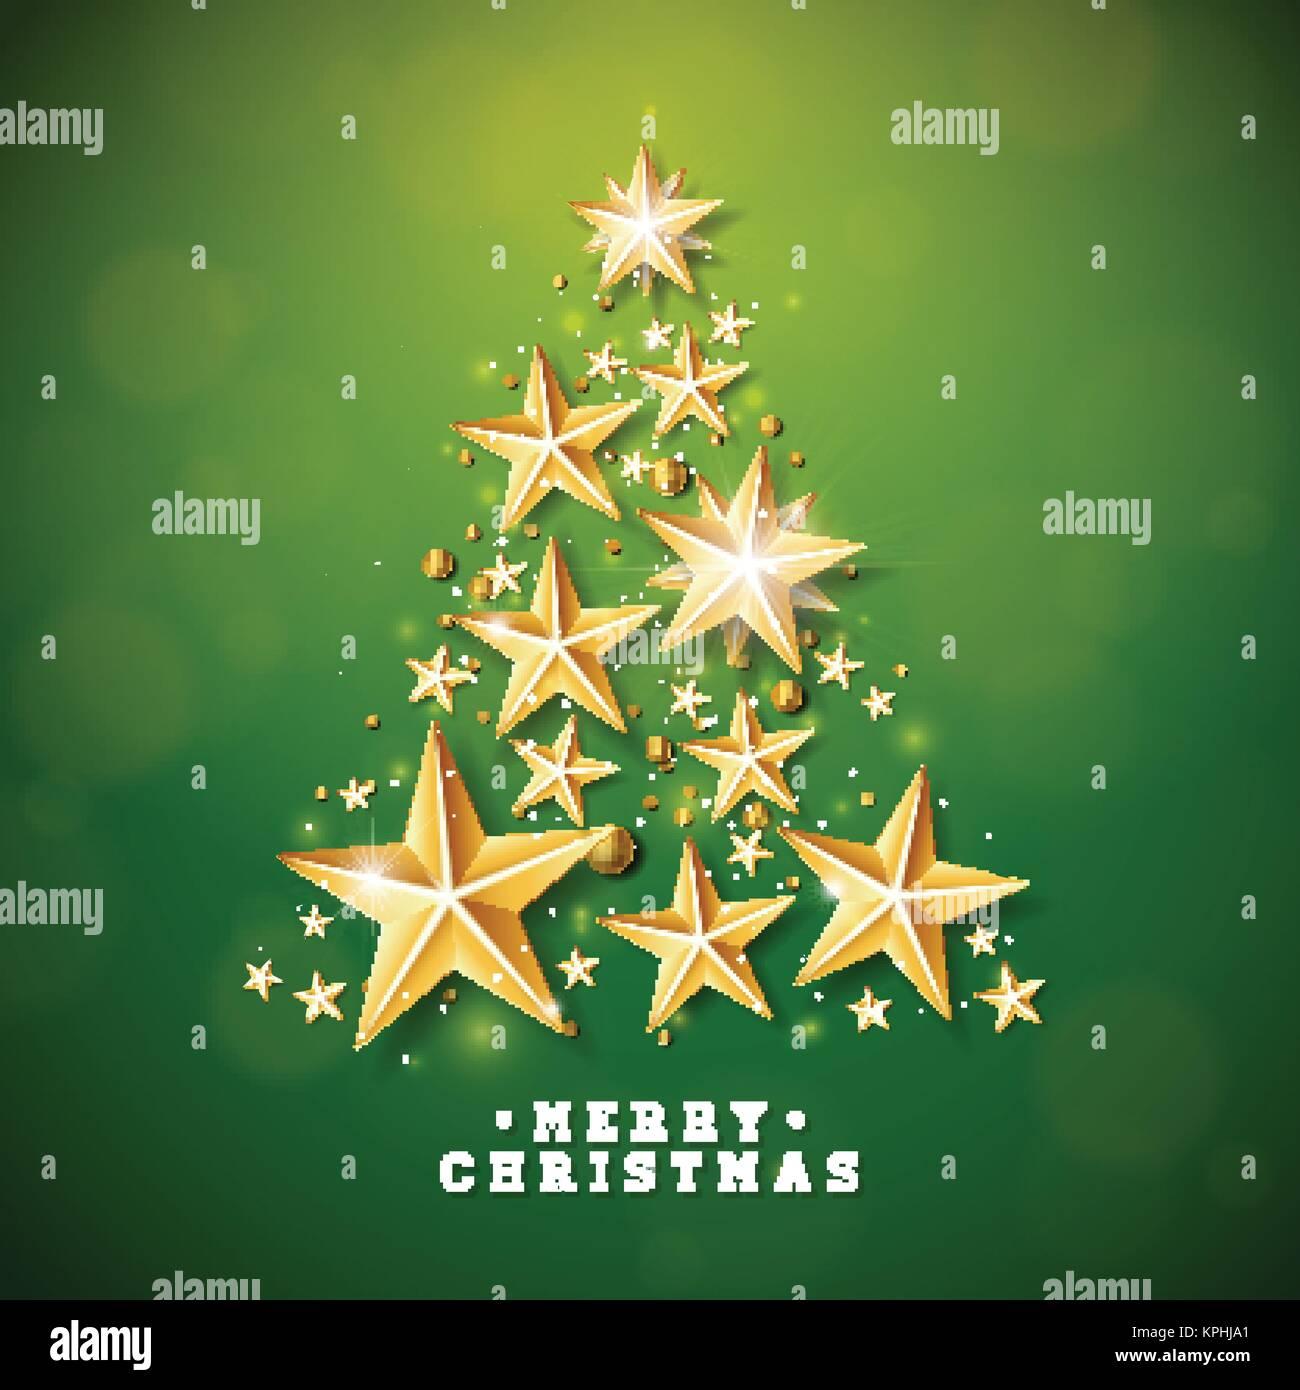 Biglietti Di Natale Di Carta.Vettore Di Natale E Anno Nuovo Illustrazione Con Albero Di Natale